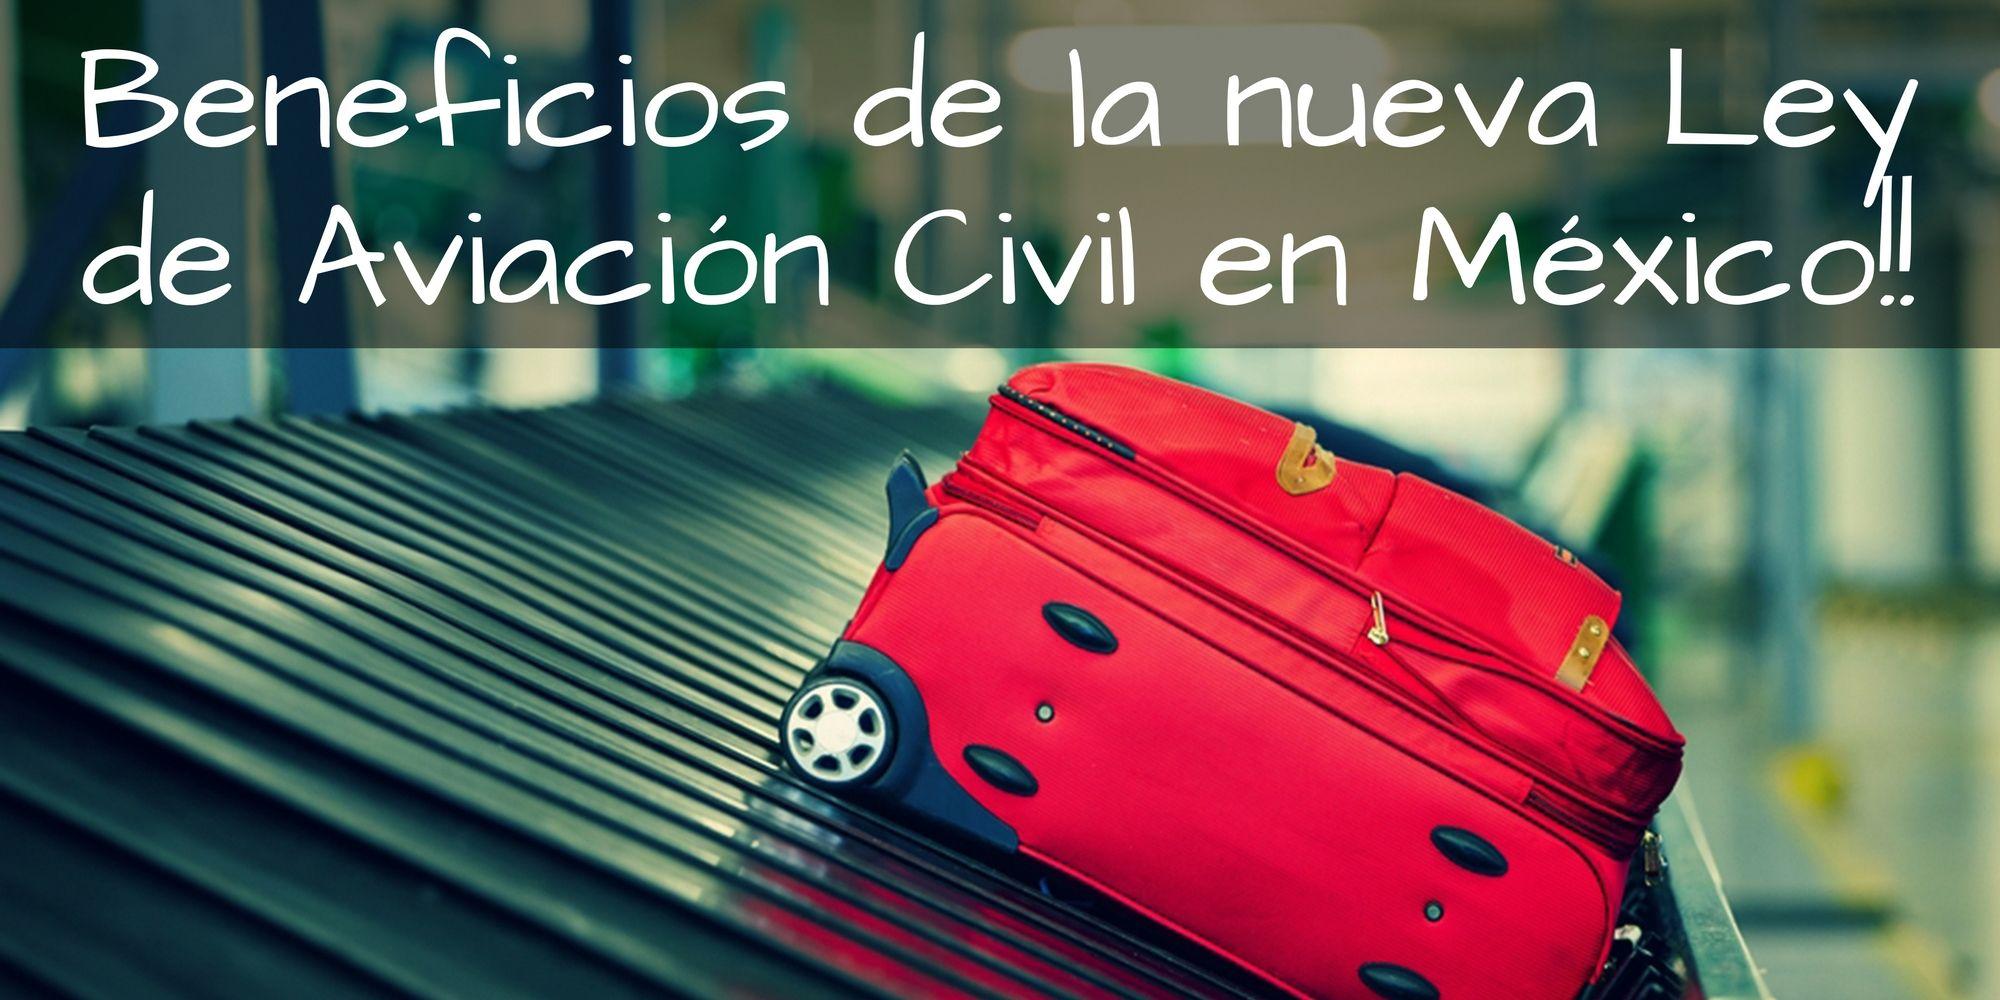 Hoy entra en vigor la nueva Ley de Aviación Civil en México!!